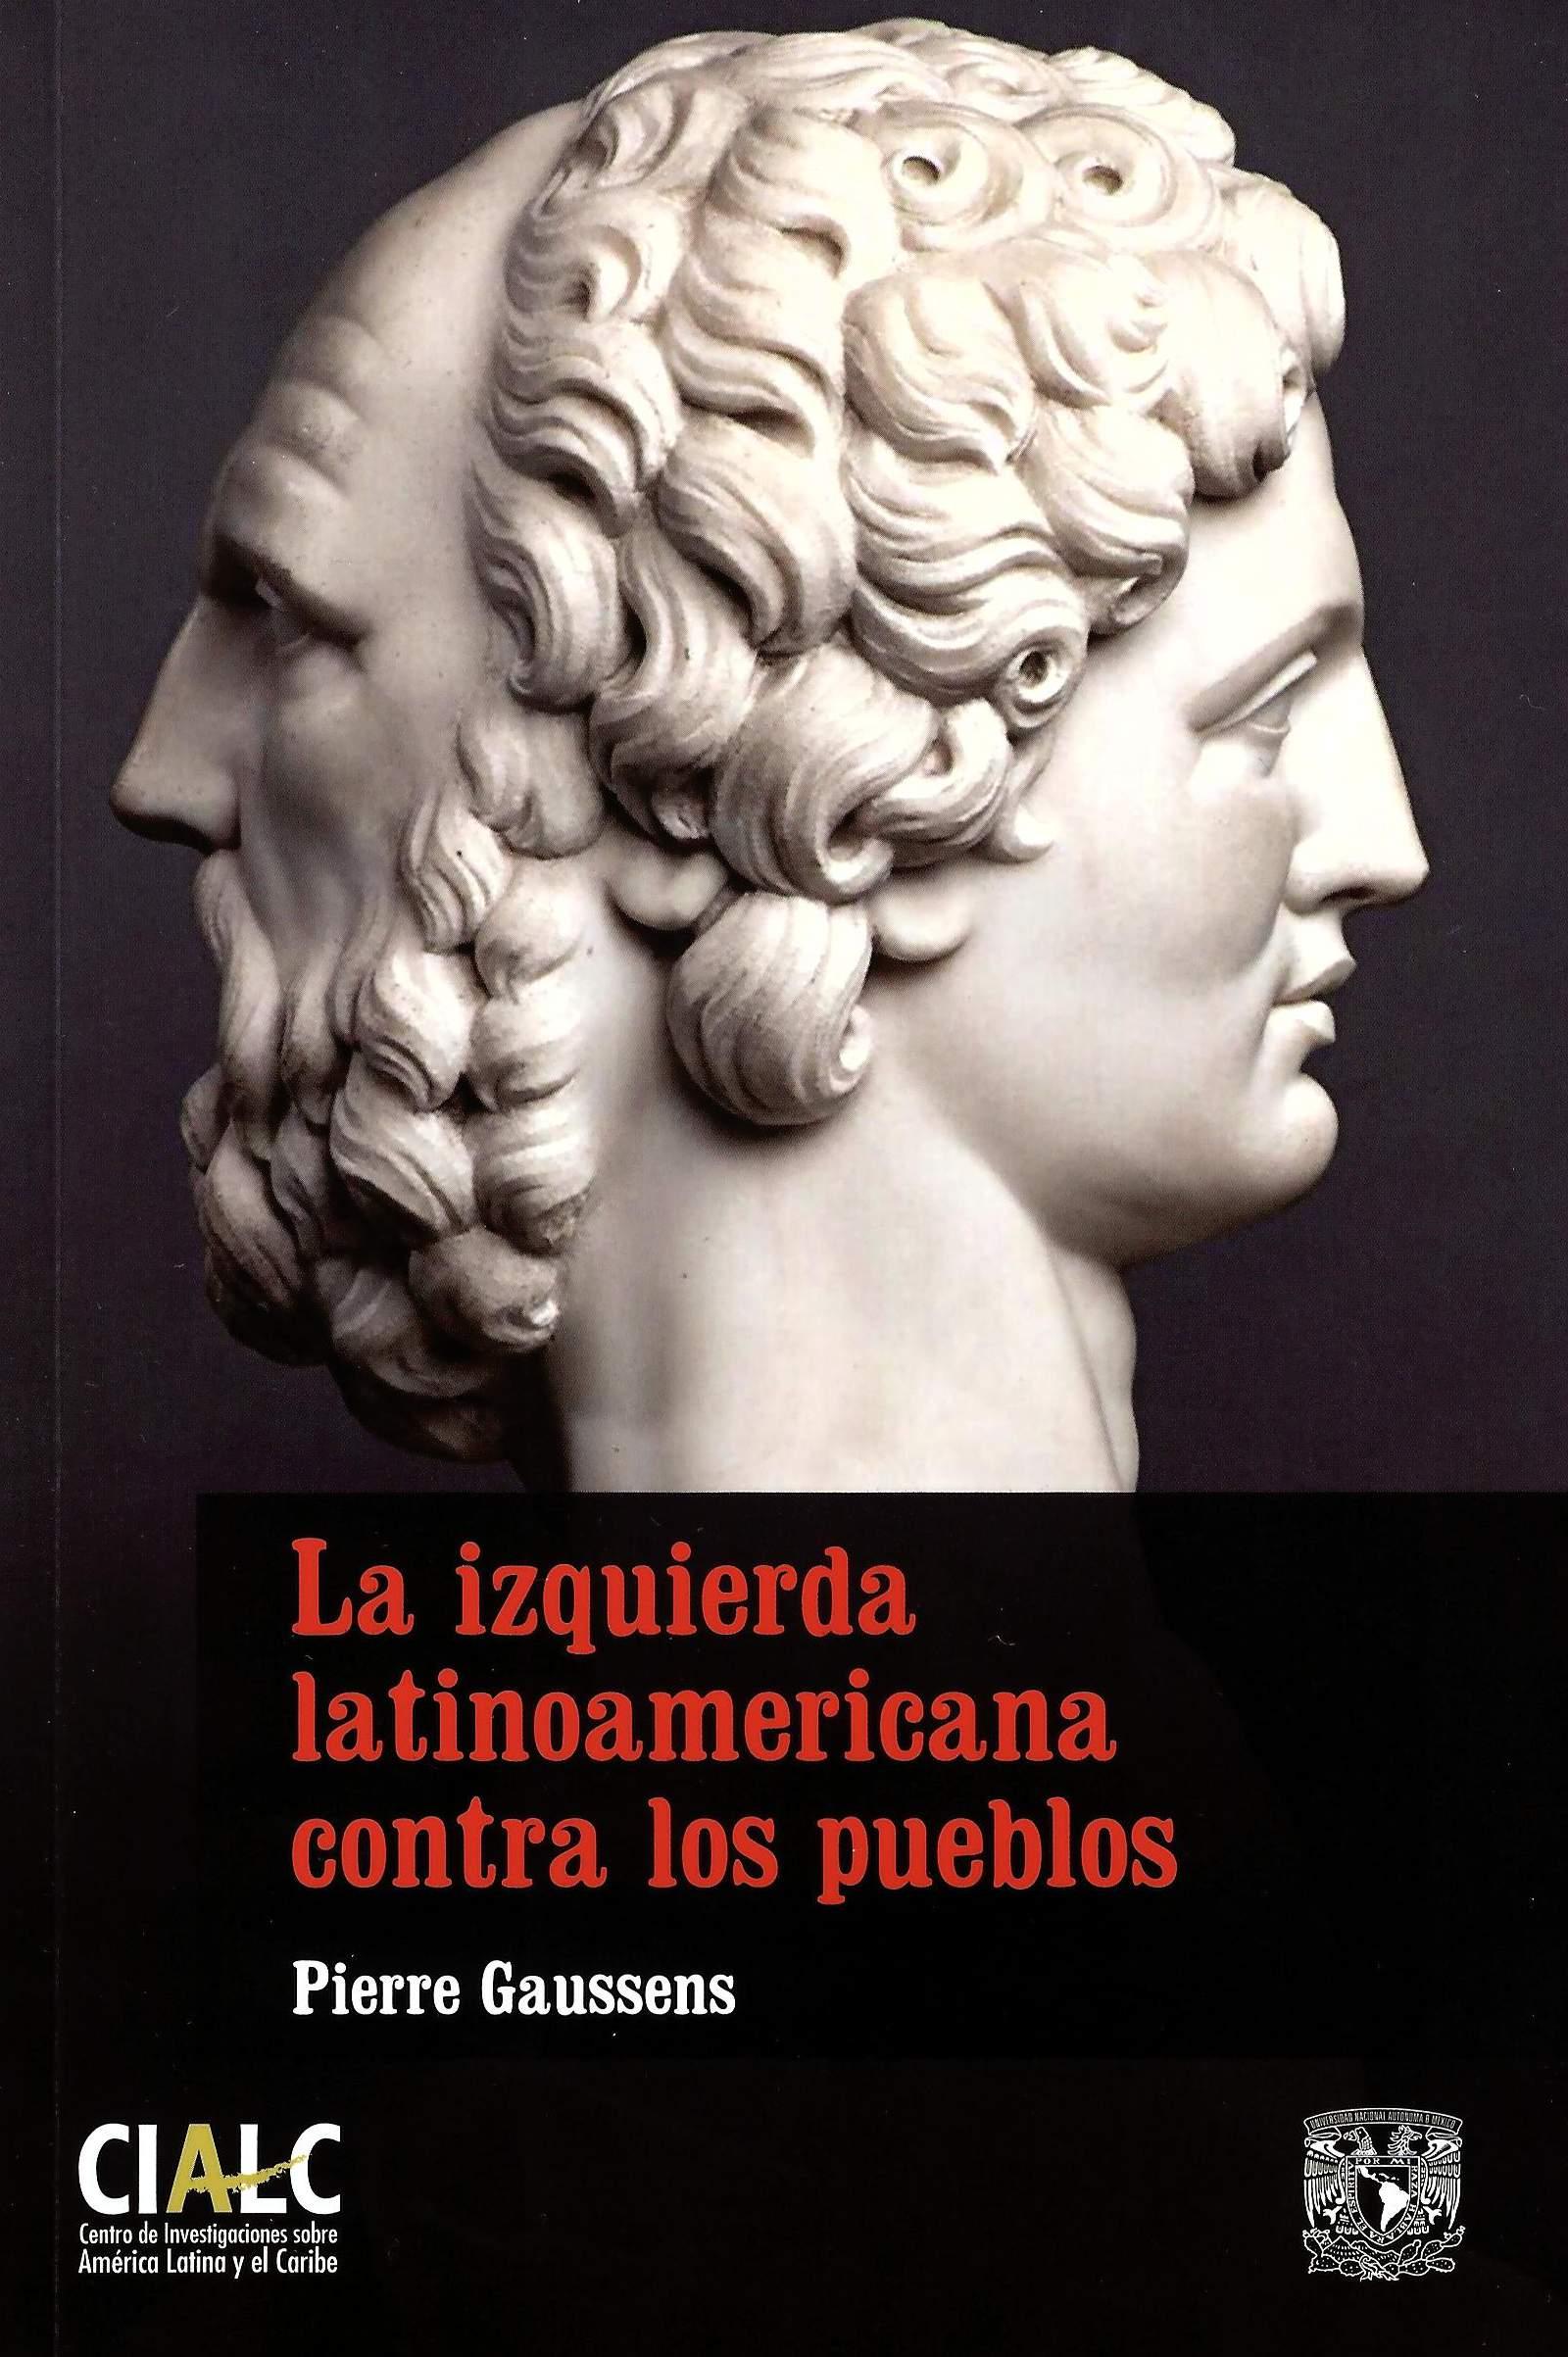 La izquierda latinoamericana contra los pueblos: el caso ecuatoriano (2007-2013)